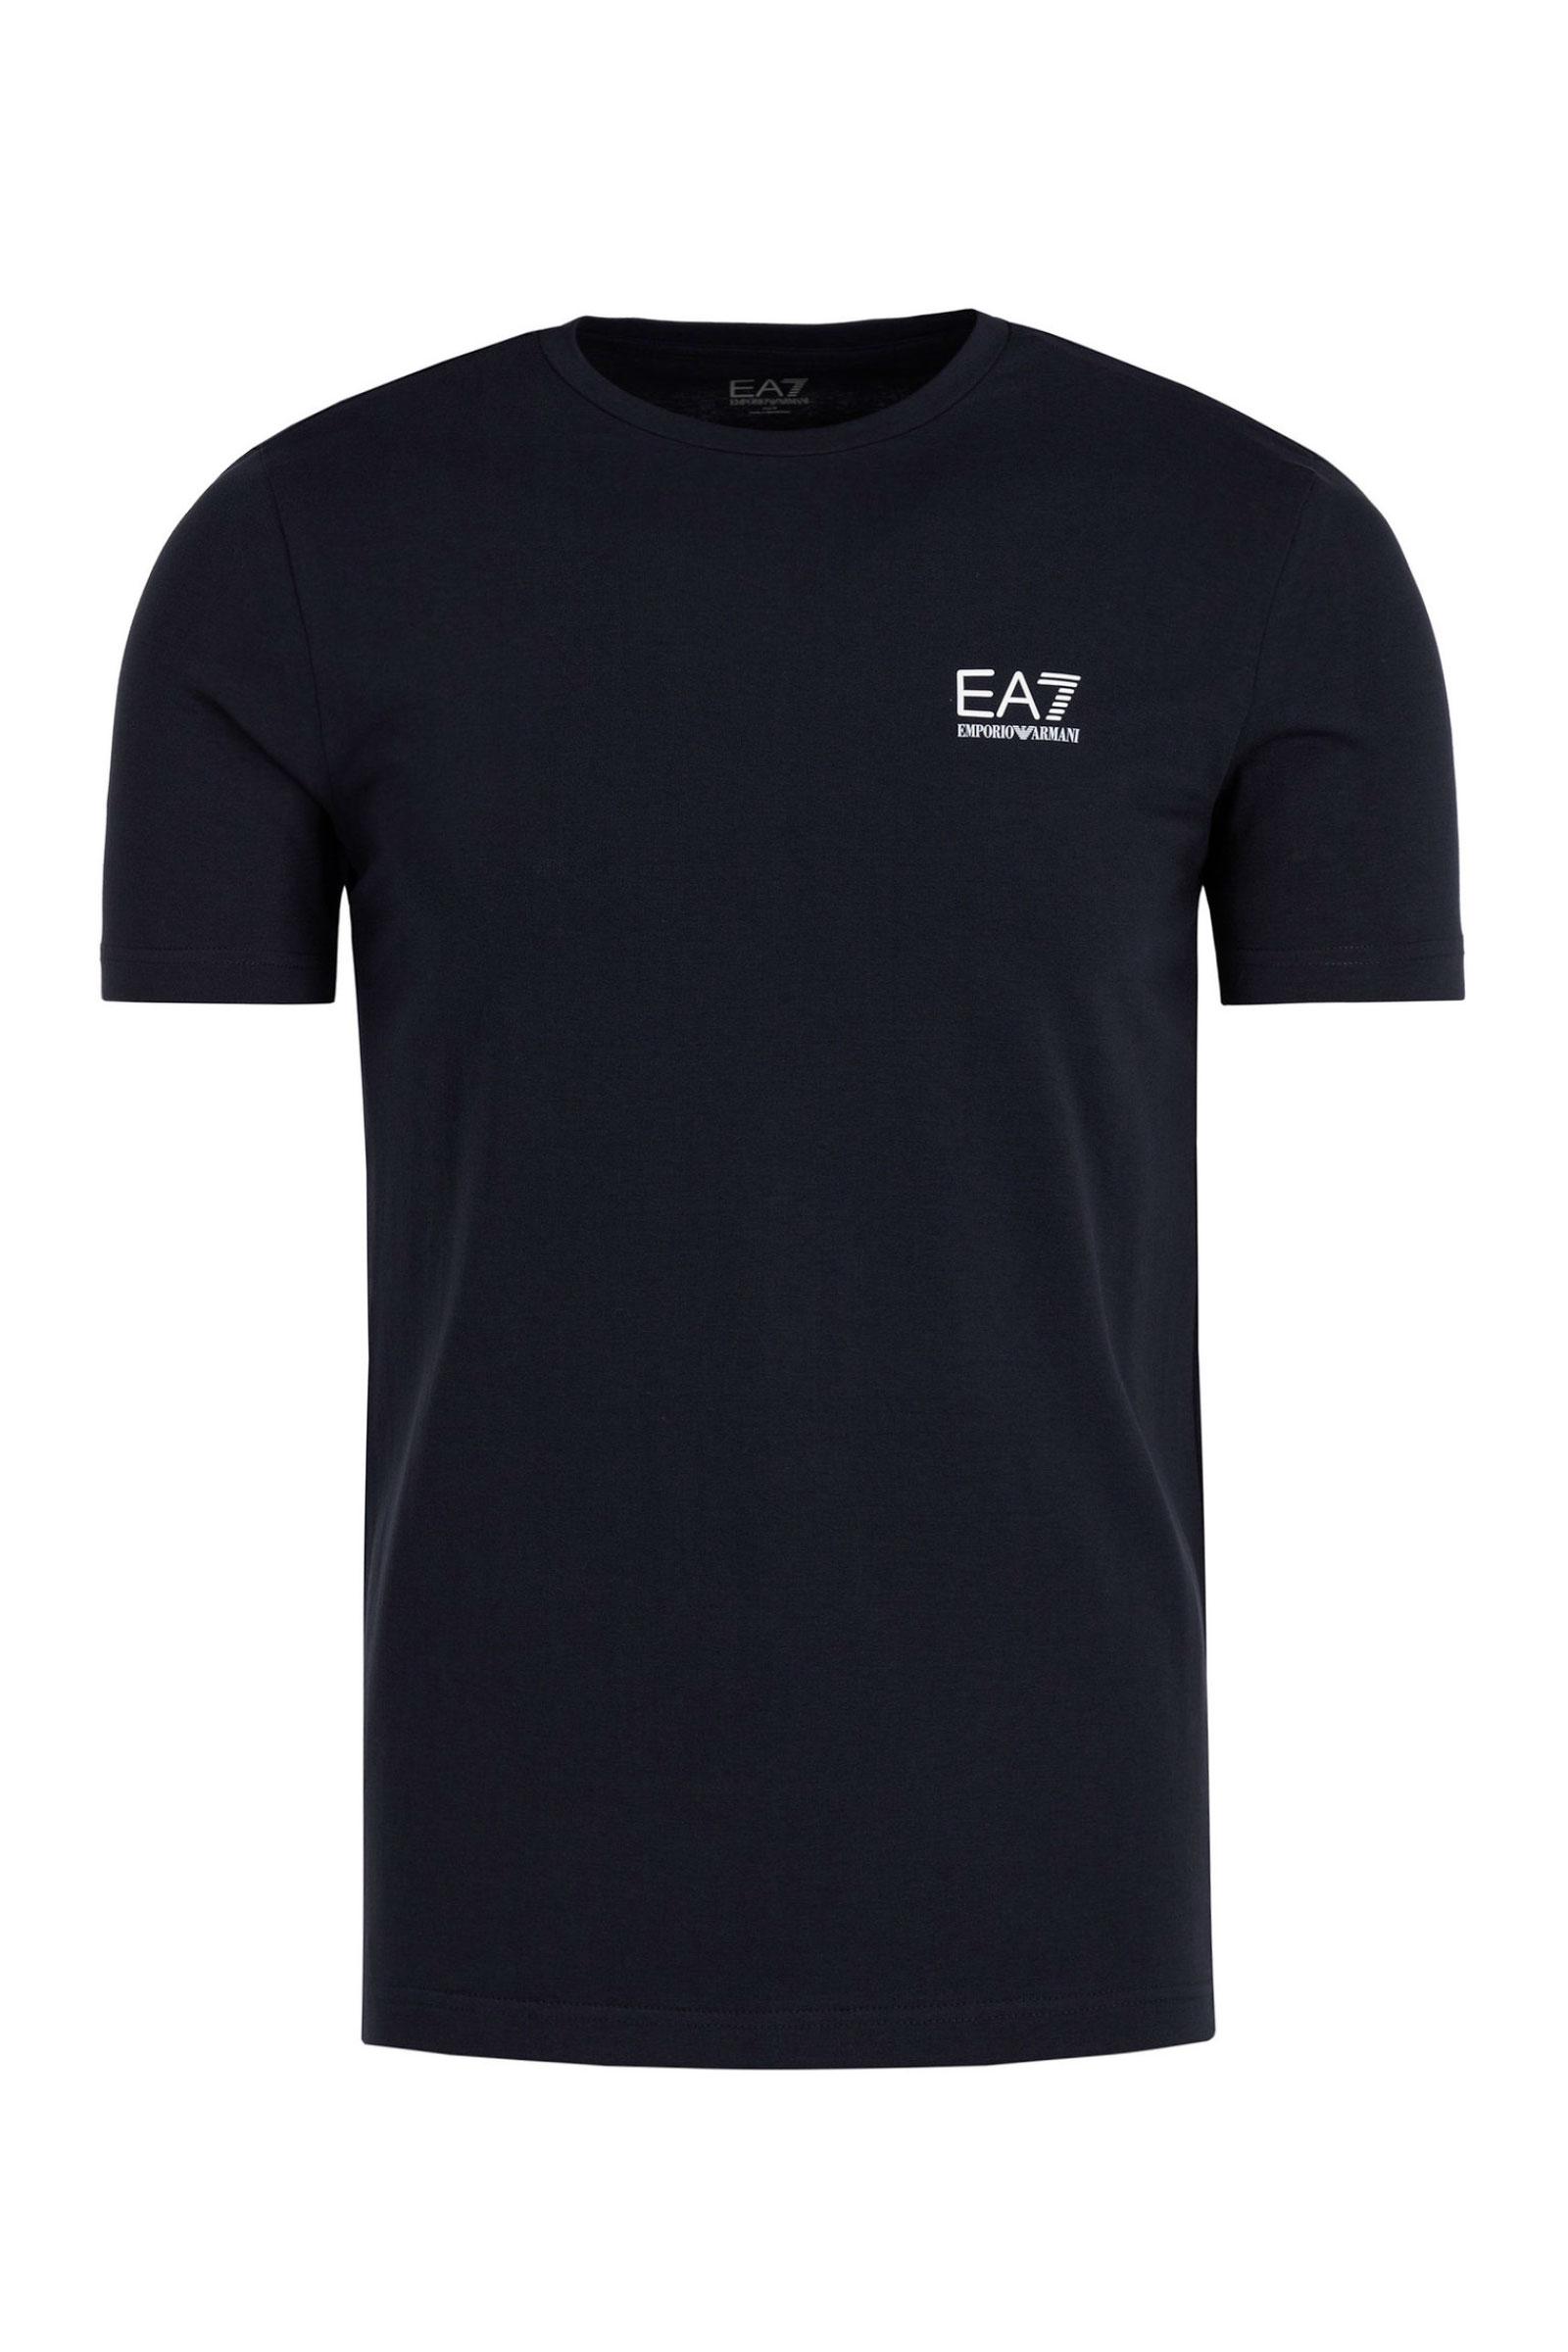 ARMANI EA7 Men's T-Shirt ARMANI EA7 | T-Shirt | 8NPT52 PJM5Z1578